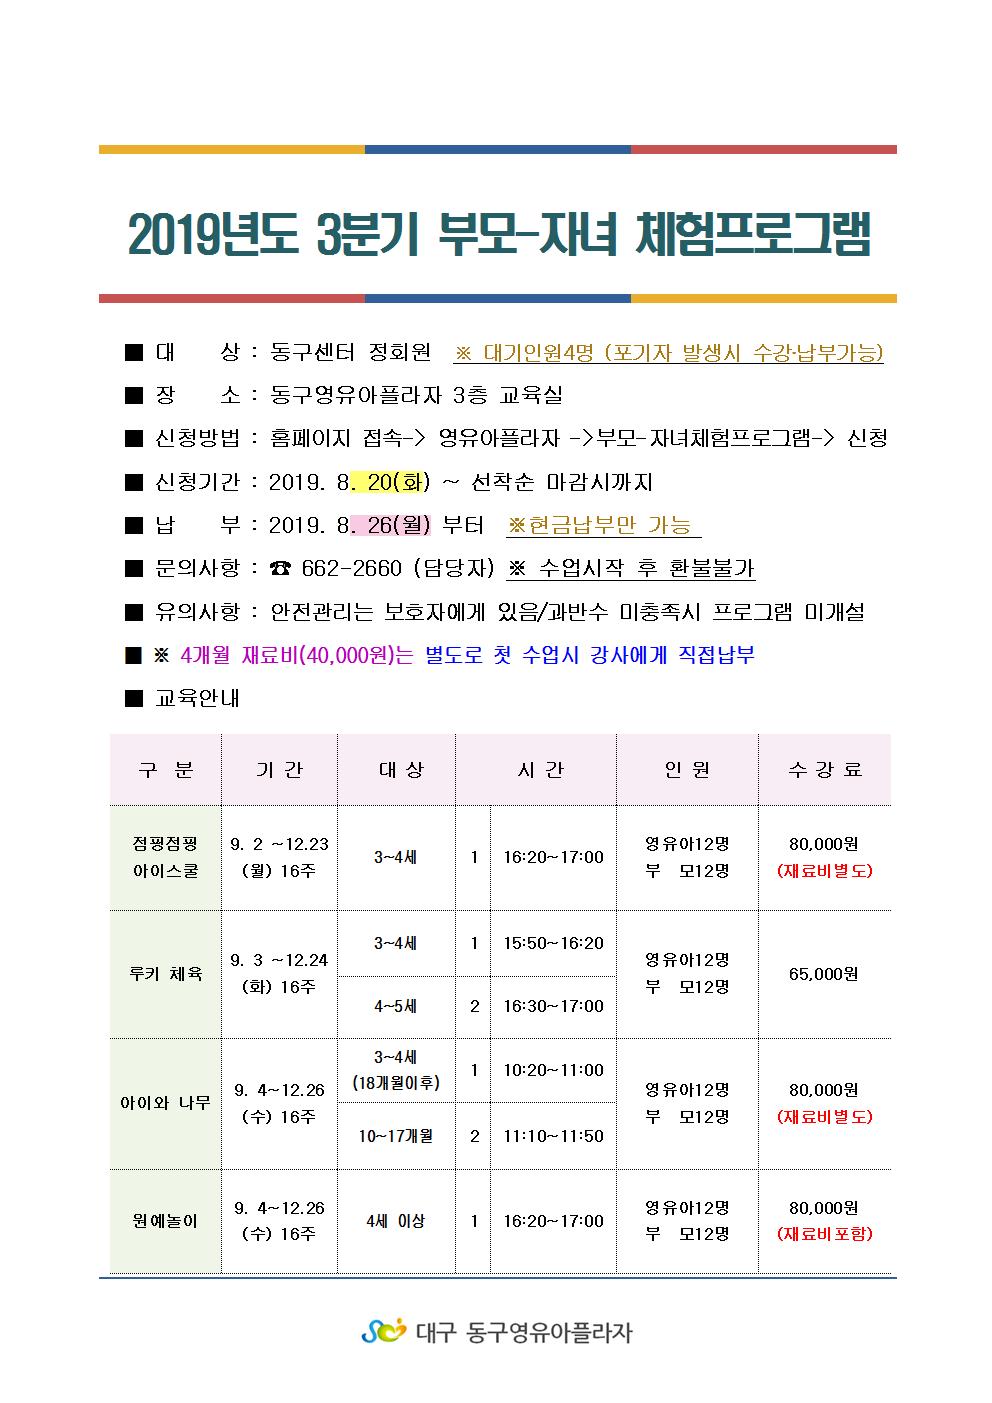 2019년 3분기 부모자녀체험프로그램 안내문_영플001.png